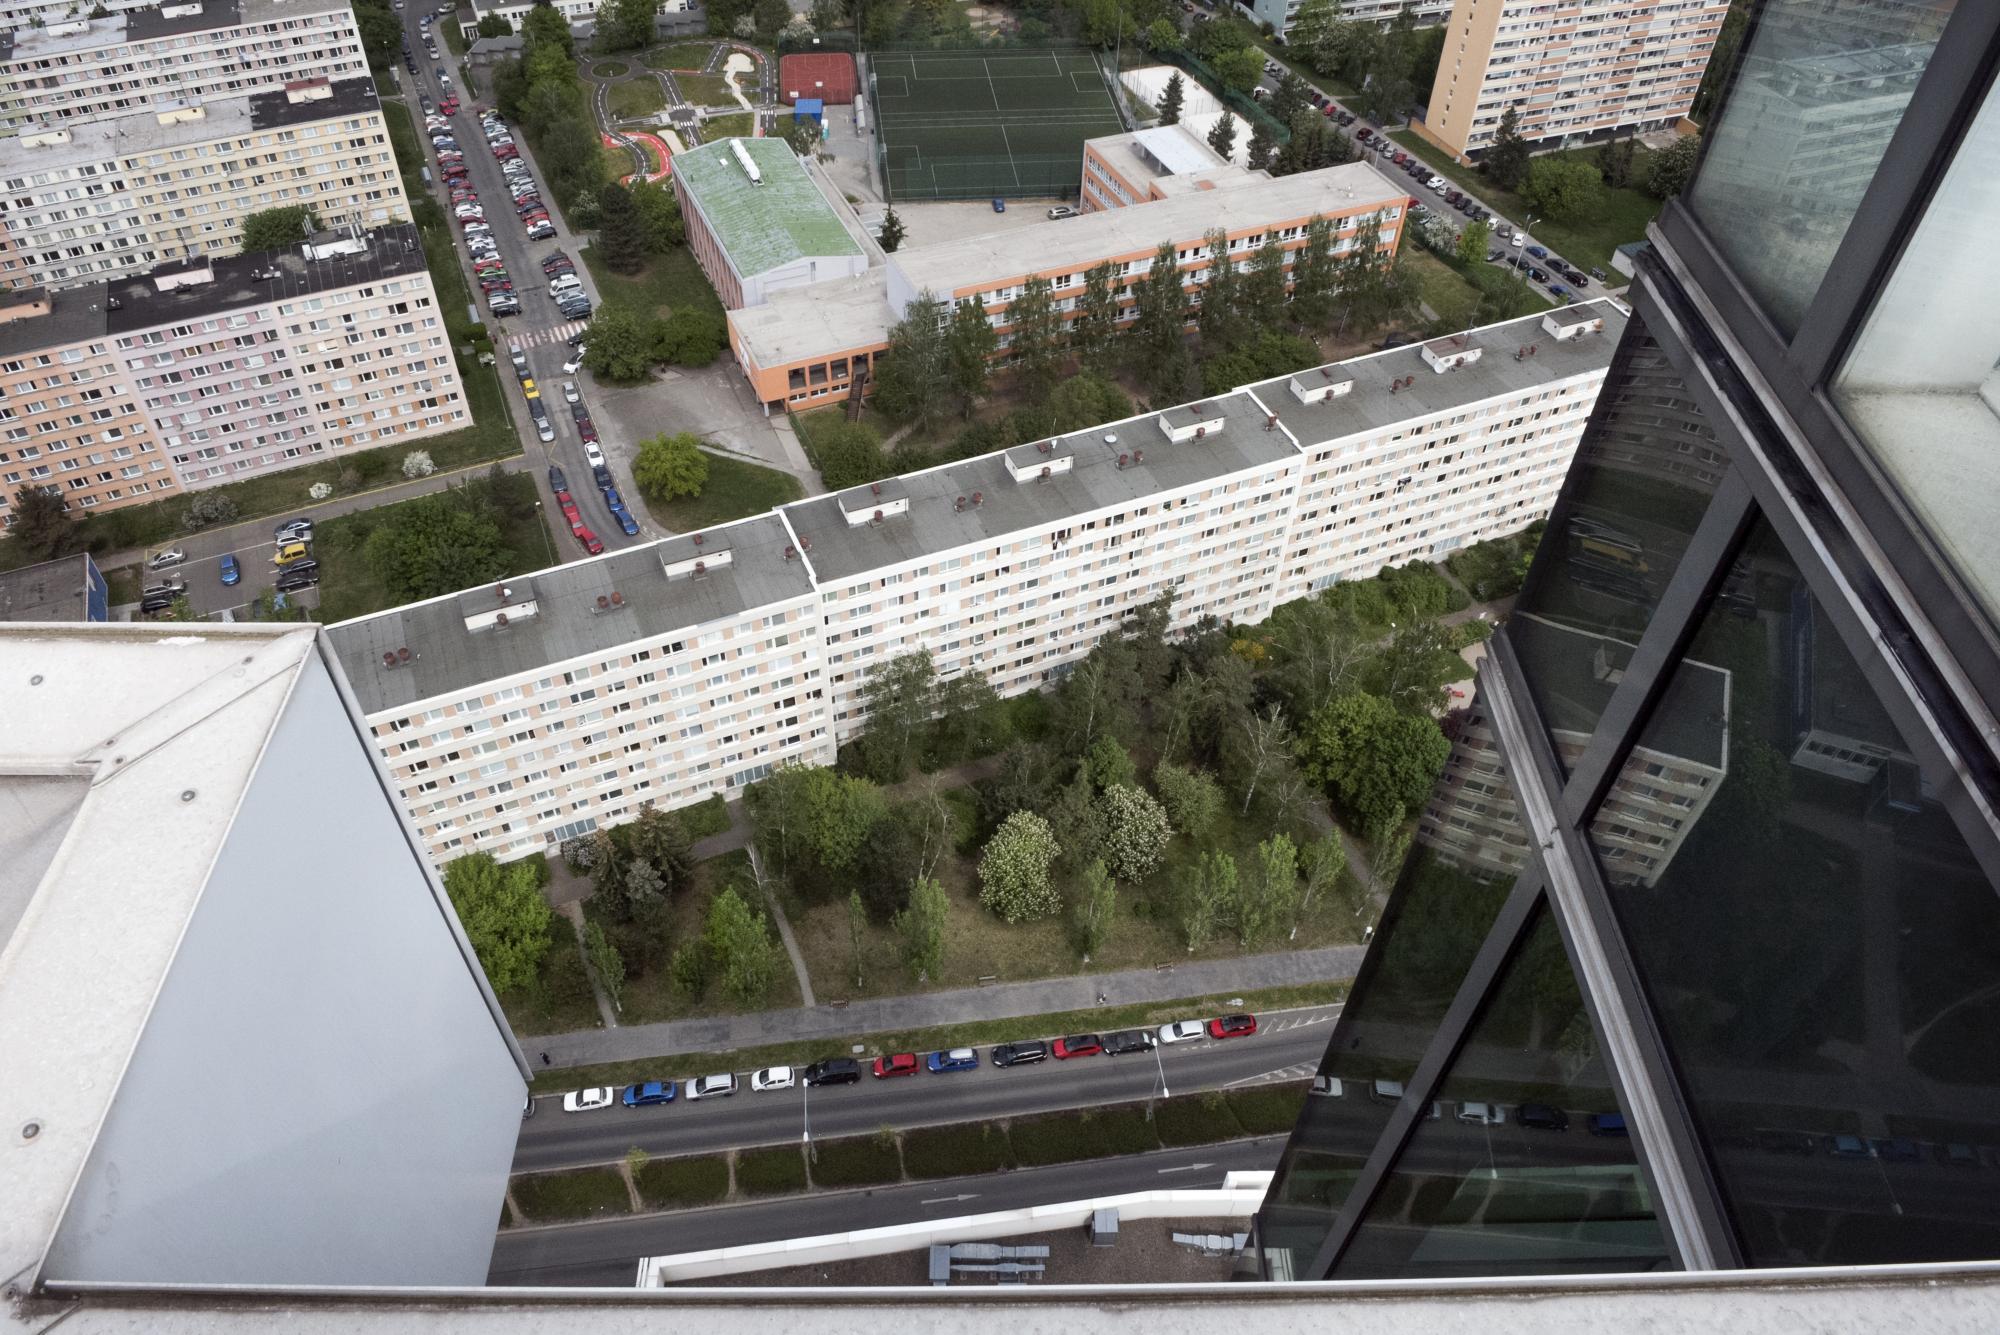 Budova City Tower byla stavěna původně pro Československý rozhlas, po rozpadu Československa se jí ale rozhlas zřekl a prodal ji.